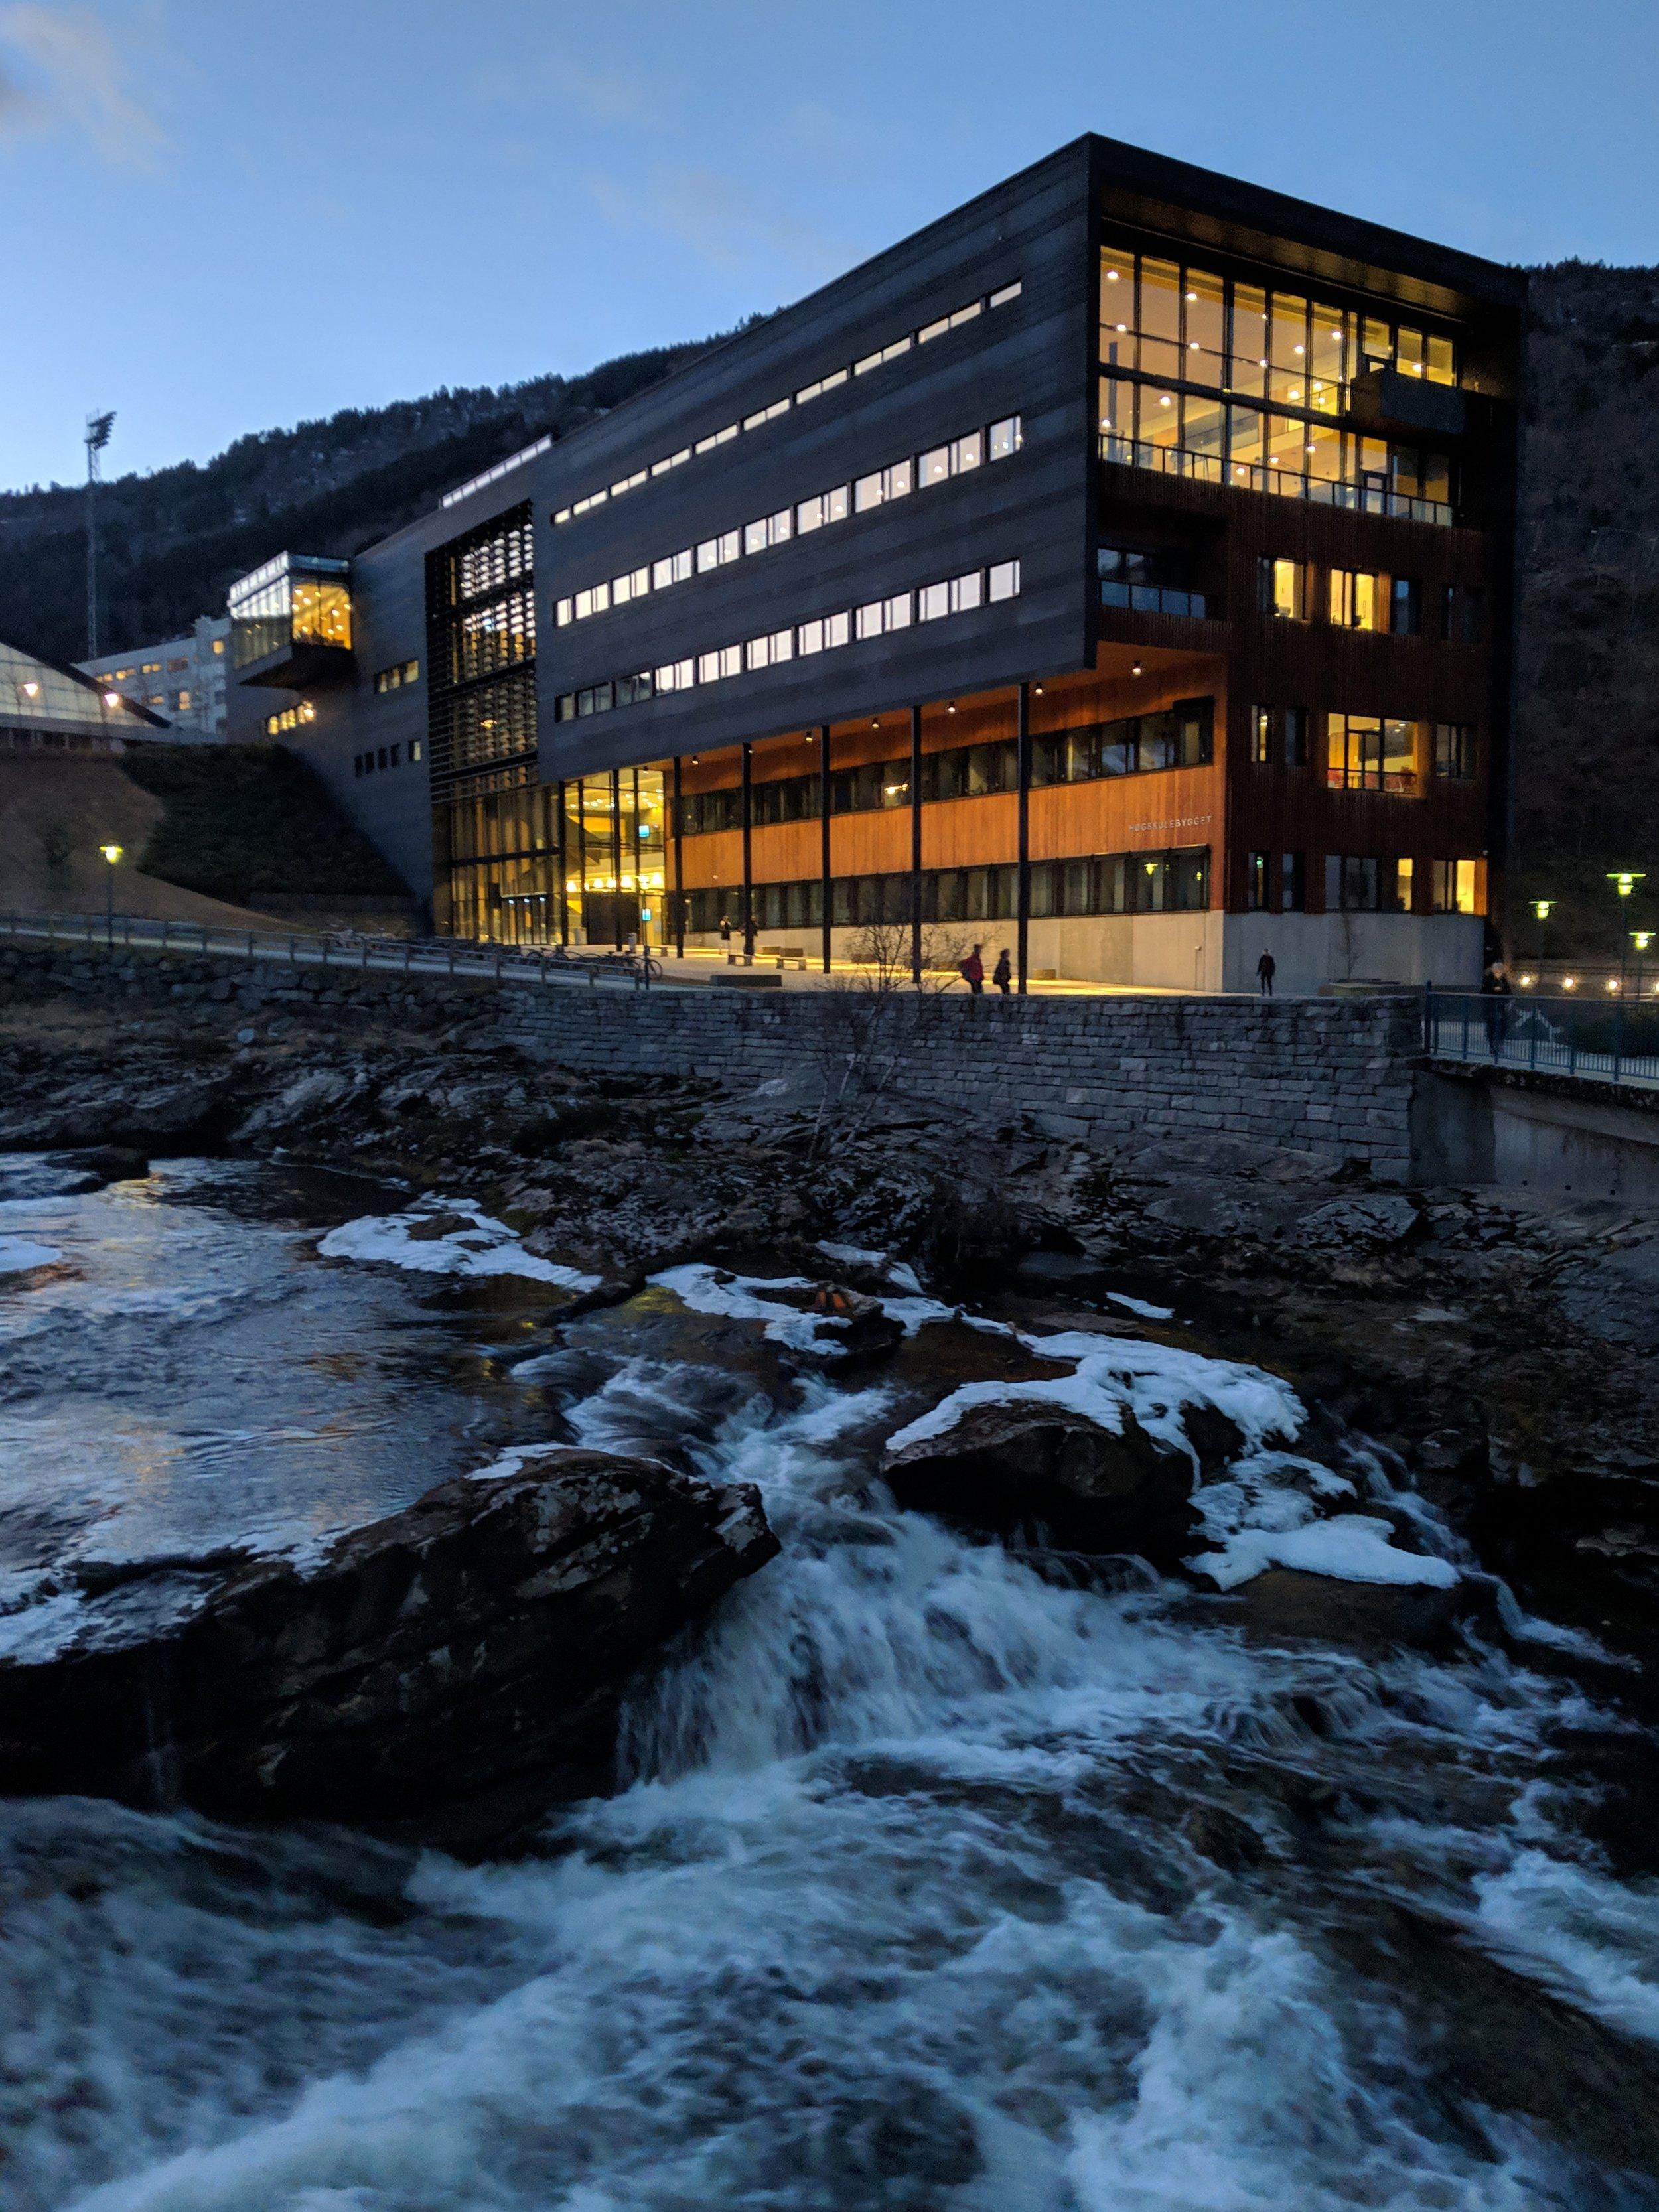 Undervisning og formidling - Resultata frå forskingsprosjektet kjem framtidige studentar til gode. Den femte arbeidspakken handlar om å ta i bruk den nye kunnskapen i fleire bachelor- og masterprogram, men òg overfor norske kommunar.